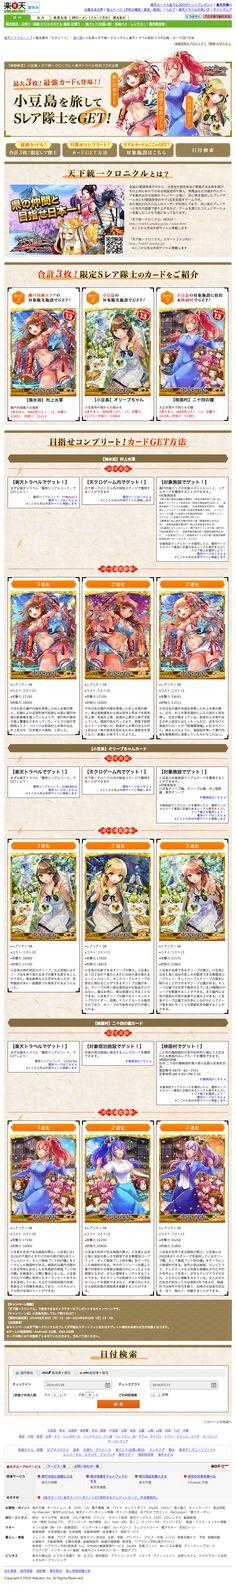 【旅頃】小豆島x天下統一クロニクル│レアカードGET方法http://travel.rakuten.co.jp/movement/kagawa/201406-2/